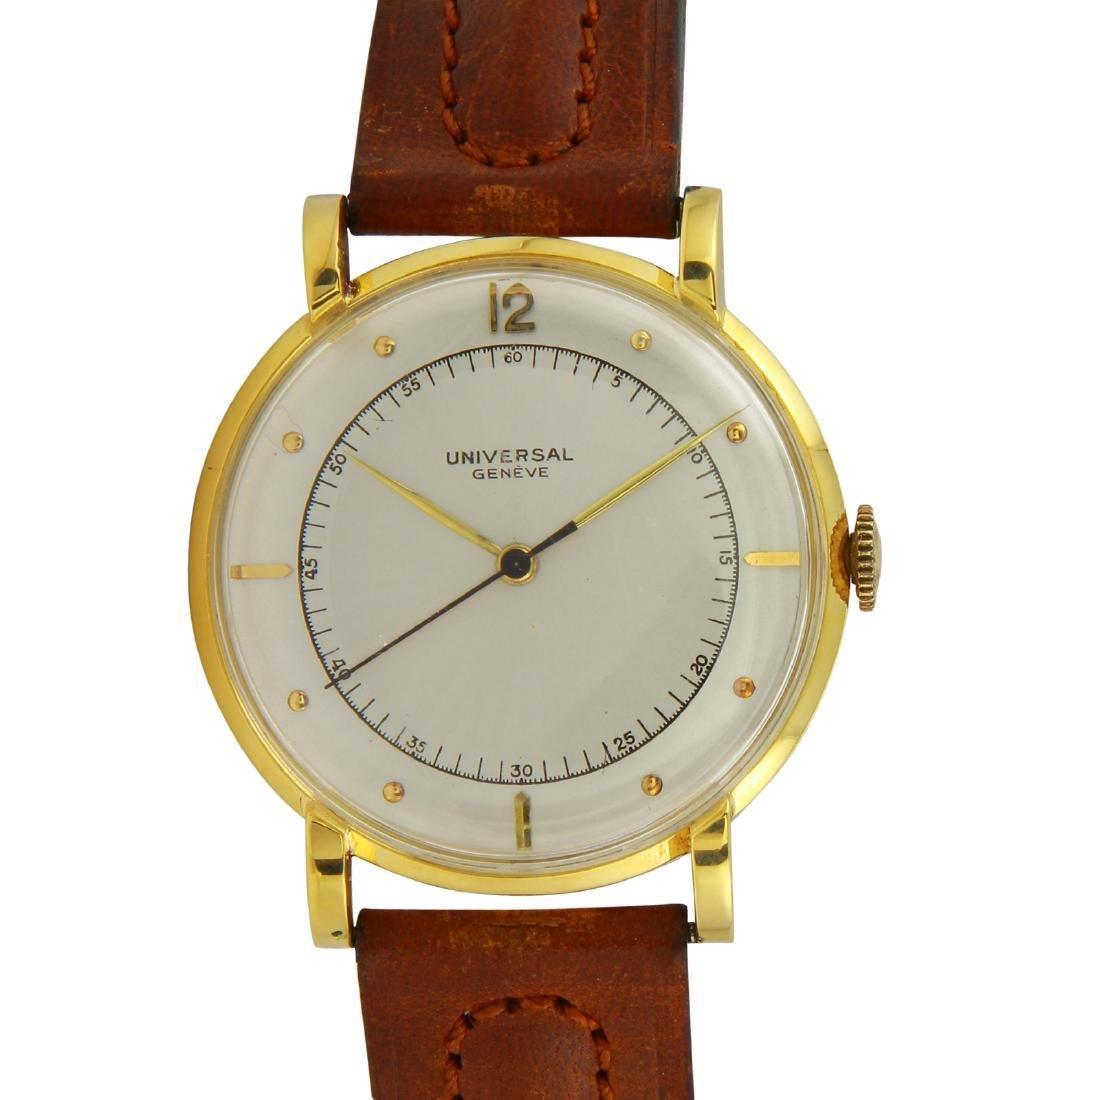 Vintage Universal Geneve Time Capsule 18k Watch